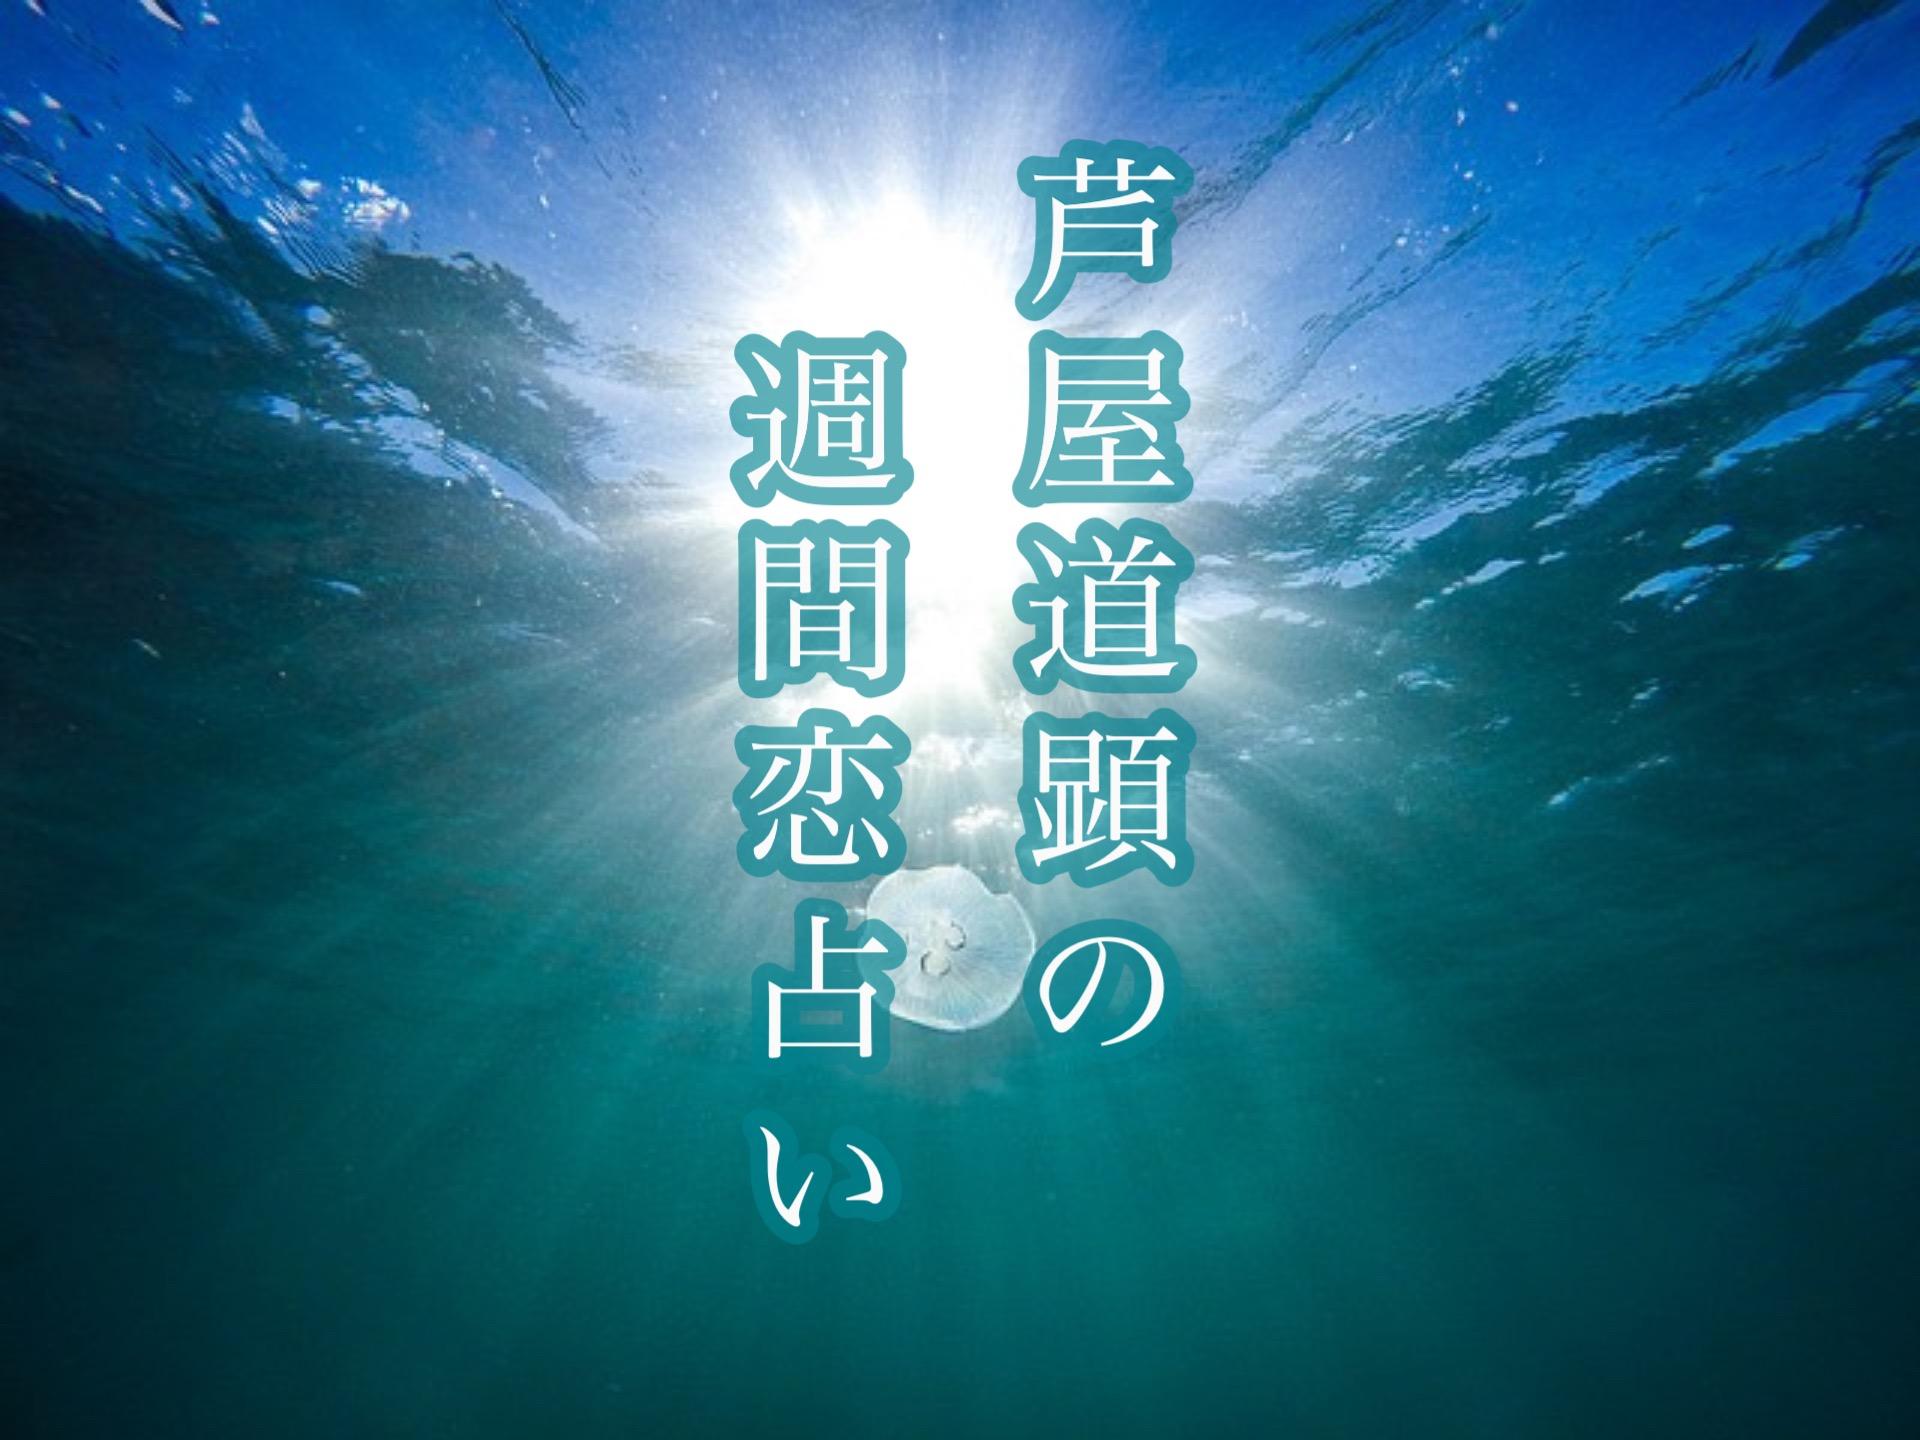 7月29日-8月4日の恋愛運【芦屋道顕の音魂占い★2019年】